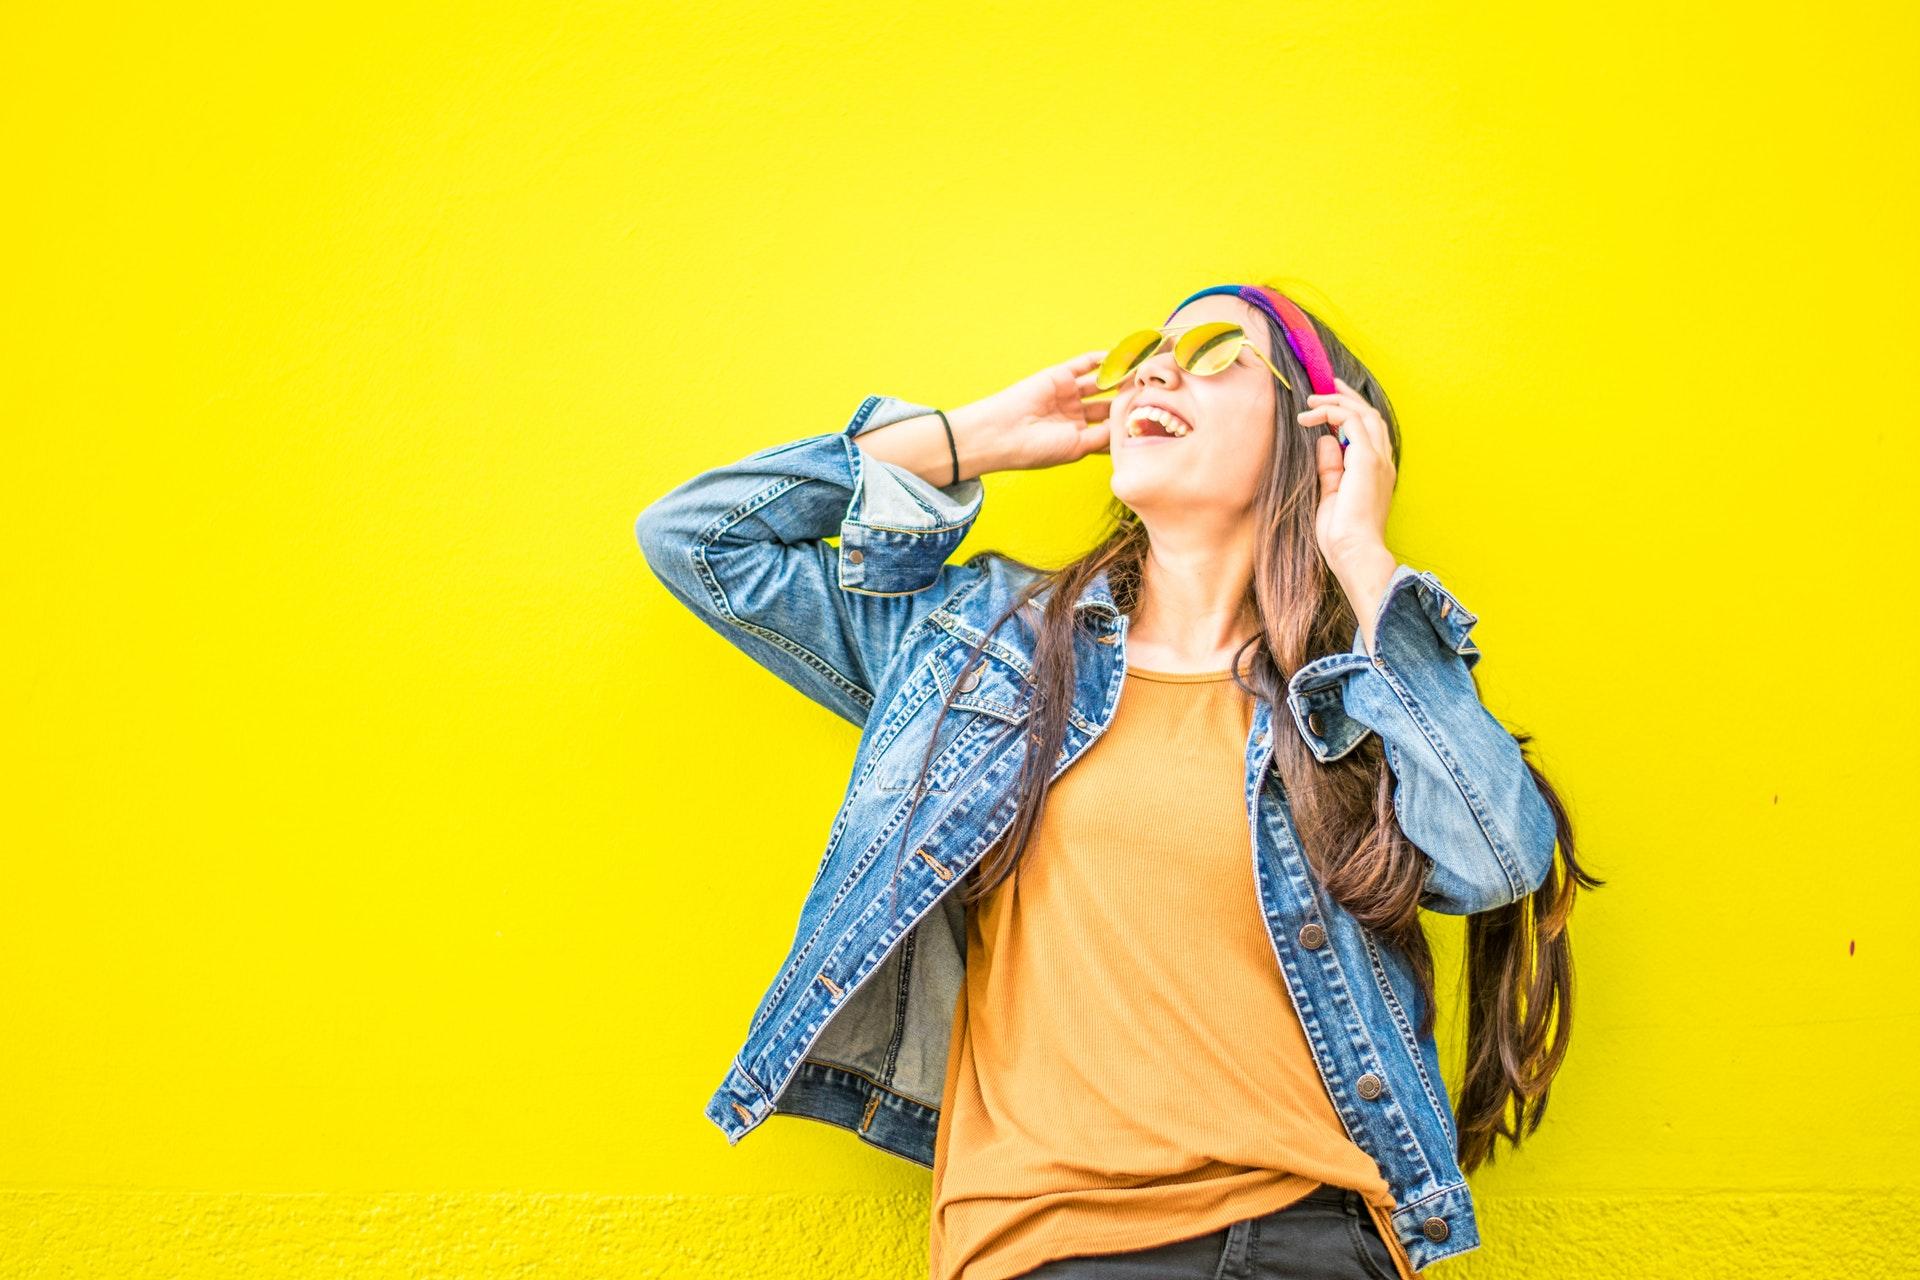 Typy smiechu: Hlasný, škodoradostný či bezemočný. Nájdeš sa v tomto videu?